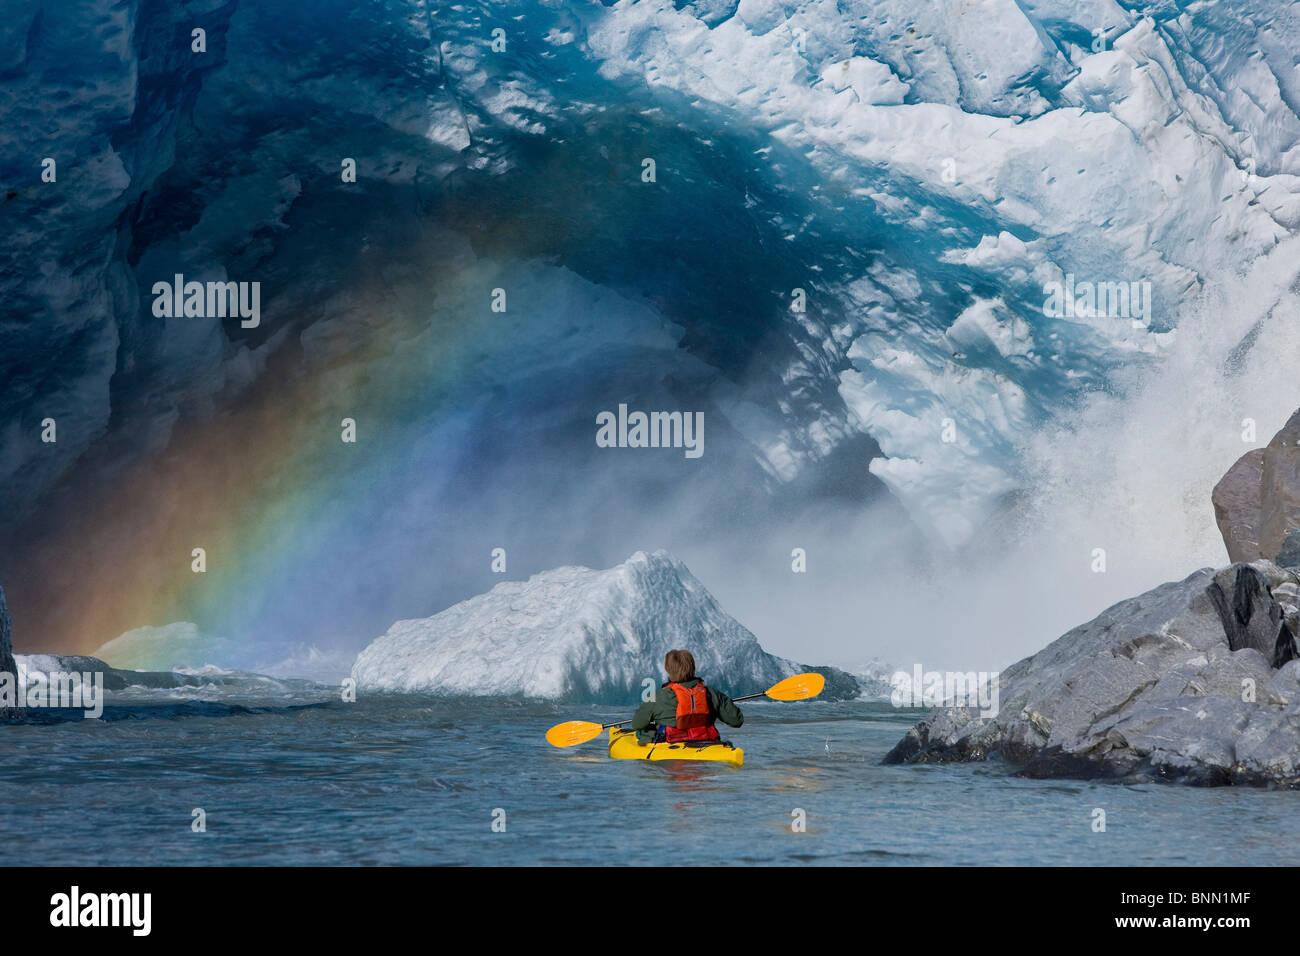 Un kayakiste explore une injection jaillissant d'sous Mendenhall Glacier Mendenhall, Lac, forêt nationale de Tongass, Alaska Banque D'Images